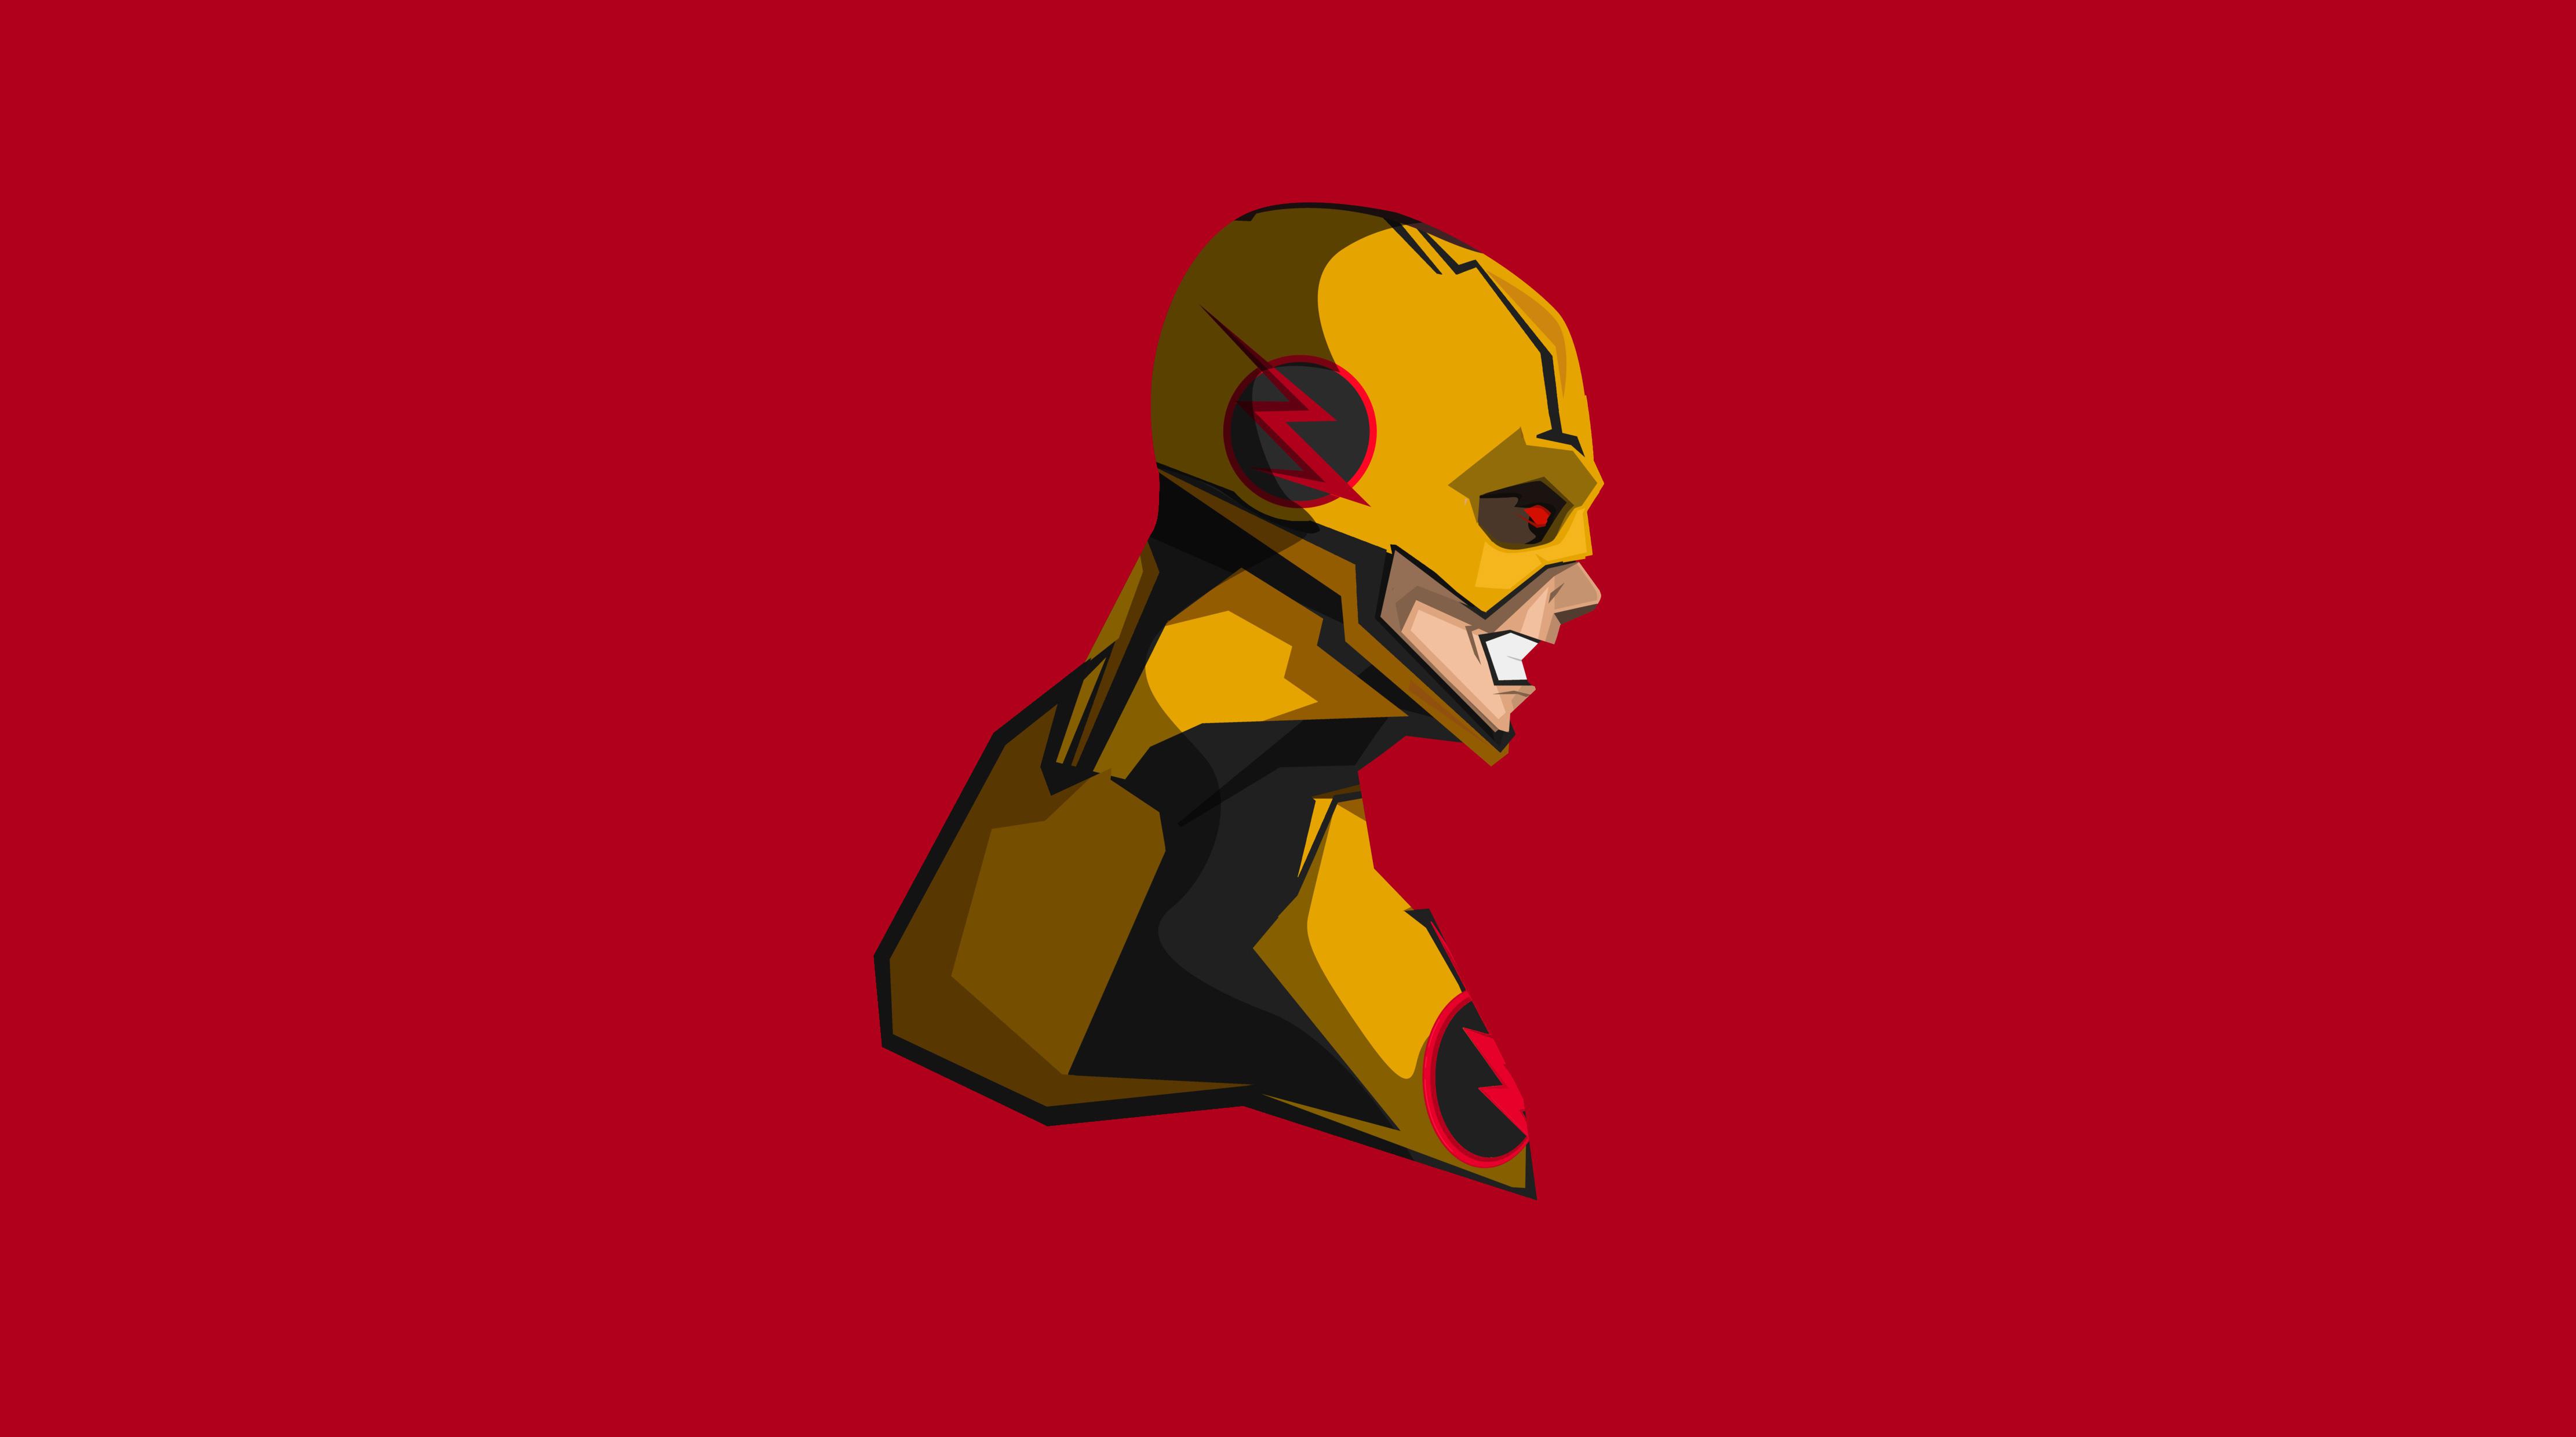 Reverse Flash 4k Minimalism Hd Superheroes 4k Wallpapers Images